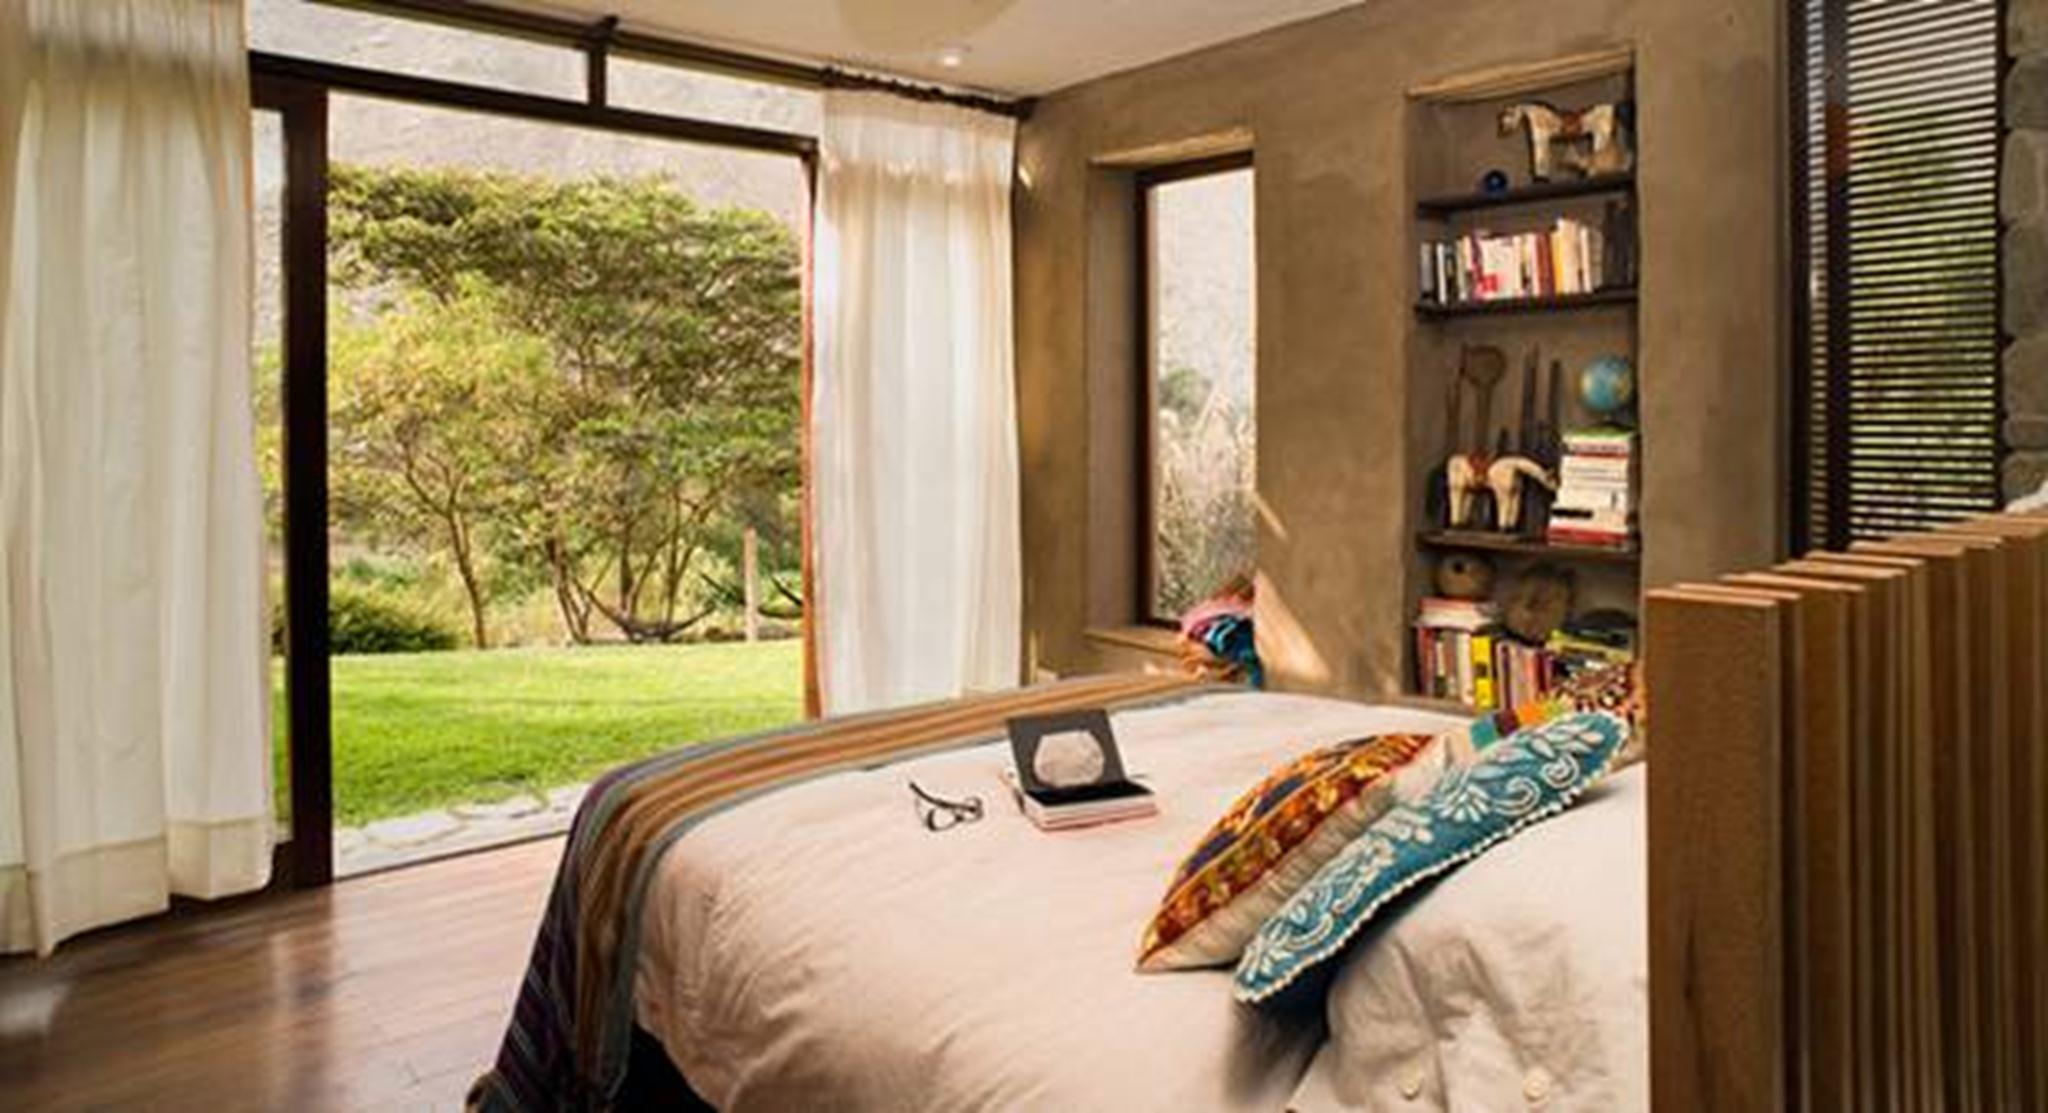 Các phòng trong căn nhà đều kết nối hoàn hảo với thiên nhiên và hướng tầm nhìn ra cảnh quan tuyệt đẹp